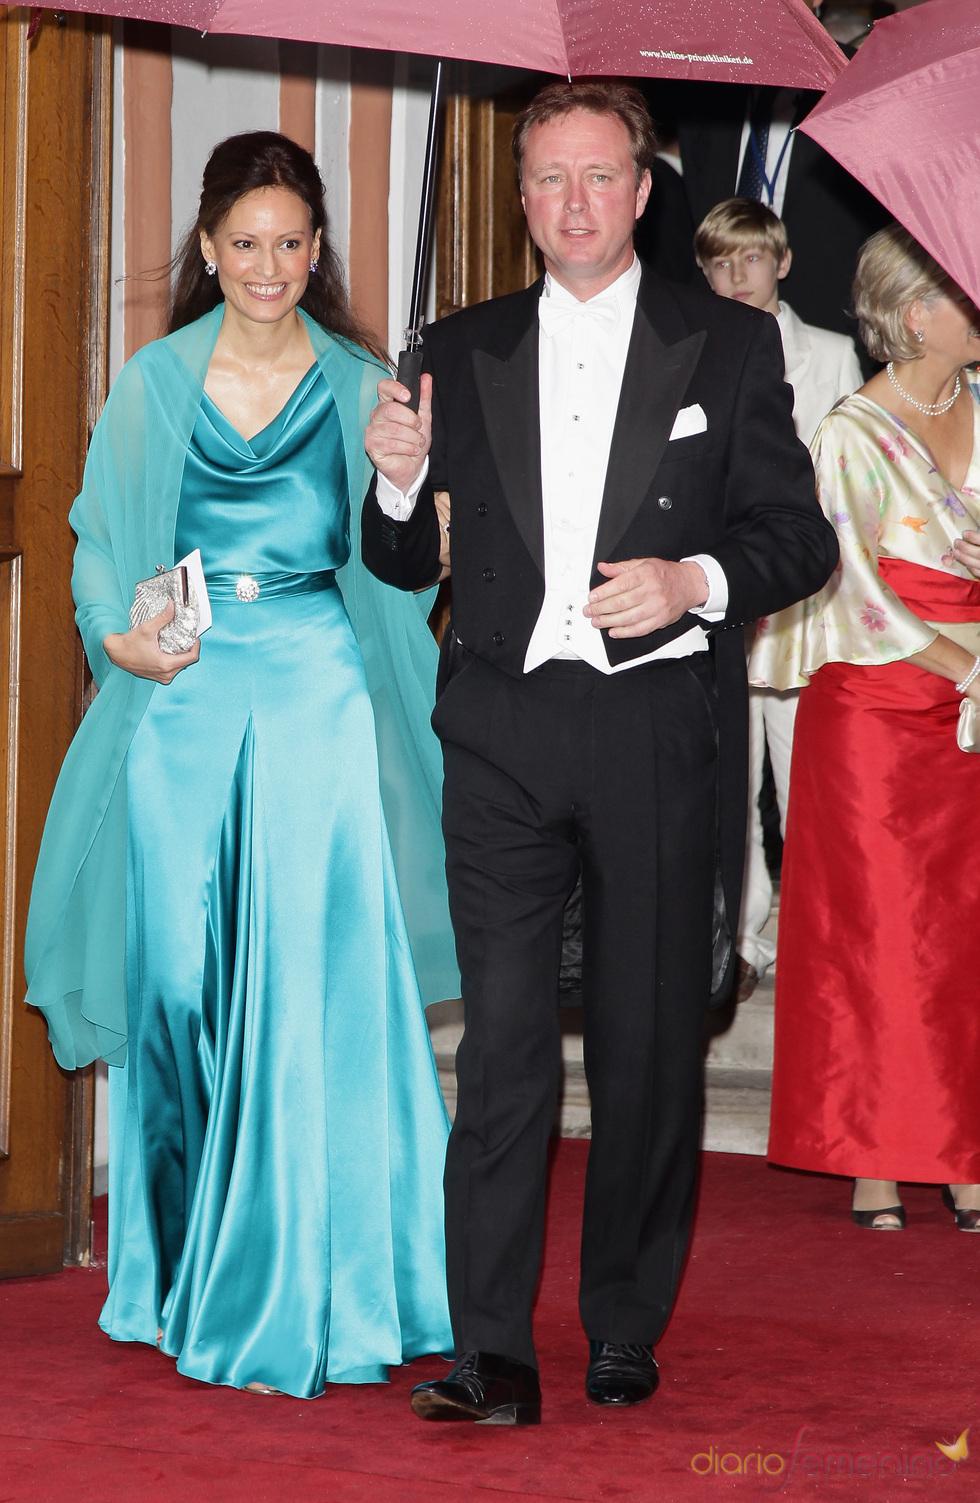 El Príncipe Gustavo y Carina Axelsson en la boda de Natalia de Dinamarca y Alexander Johannsmann